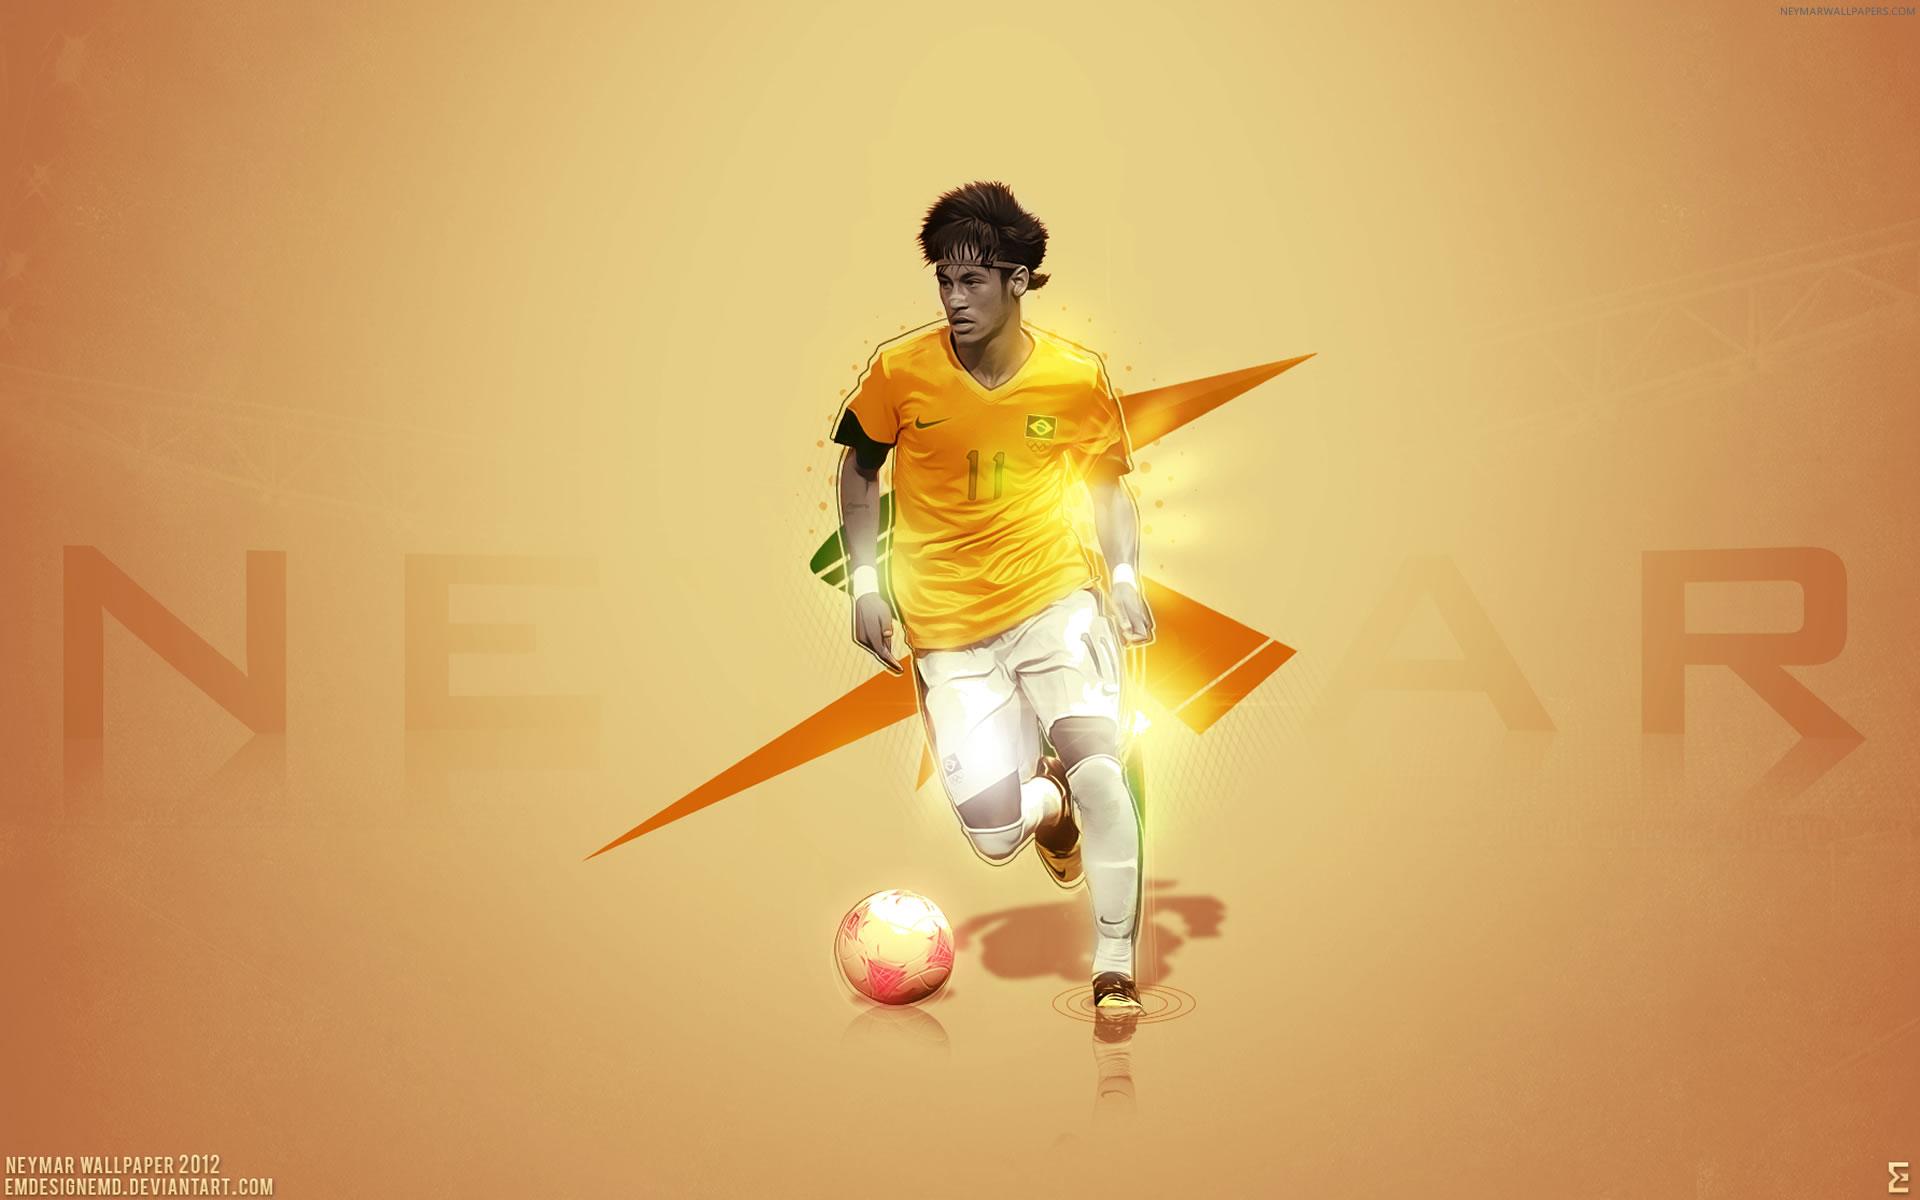 Neymar wallpaper by Emdesignemd